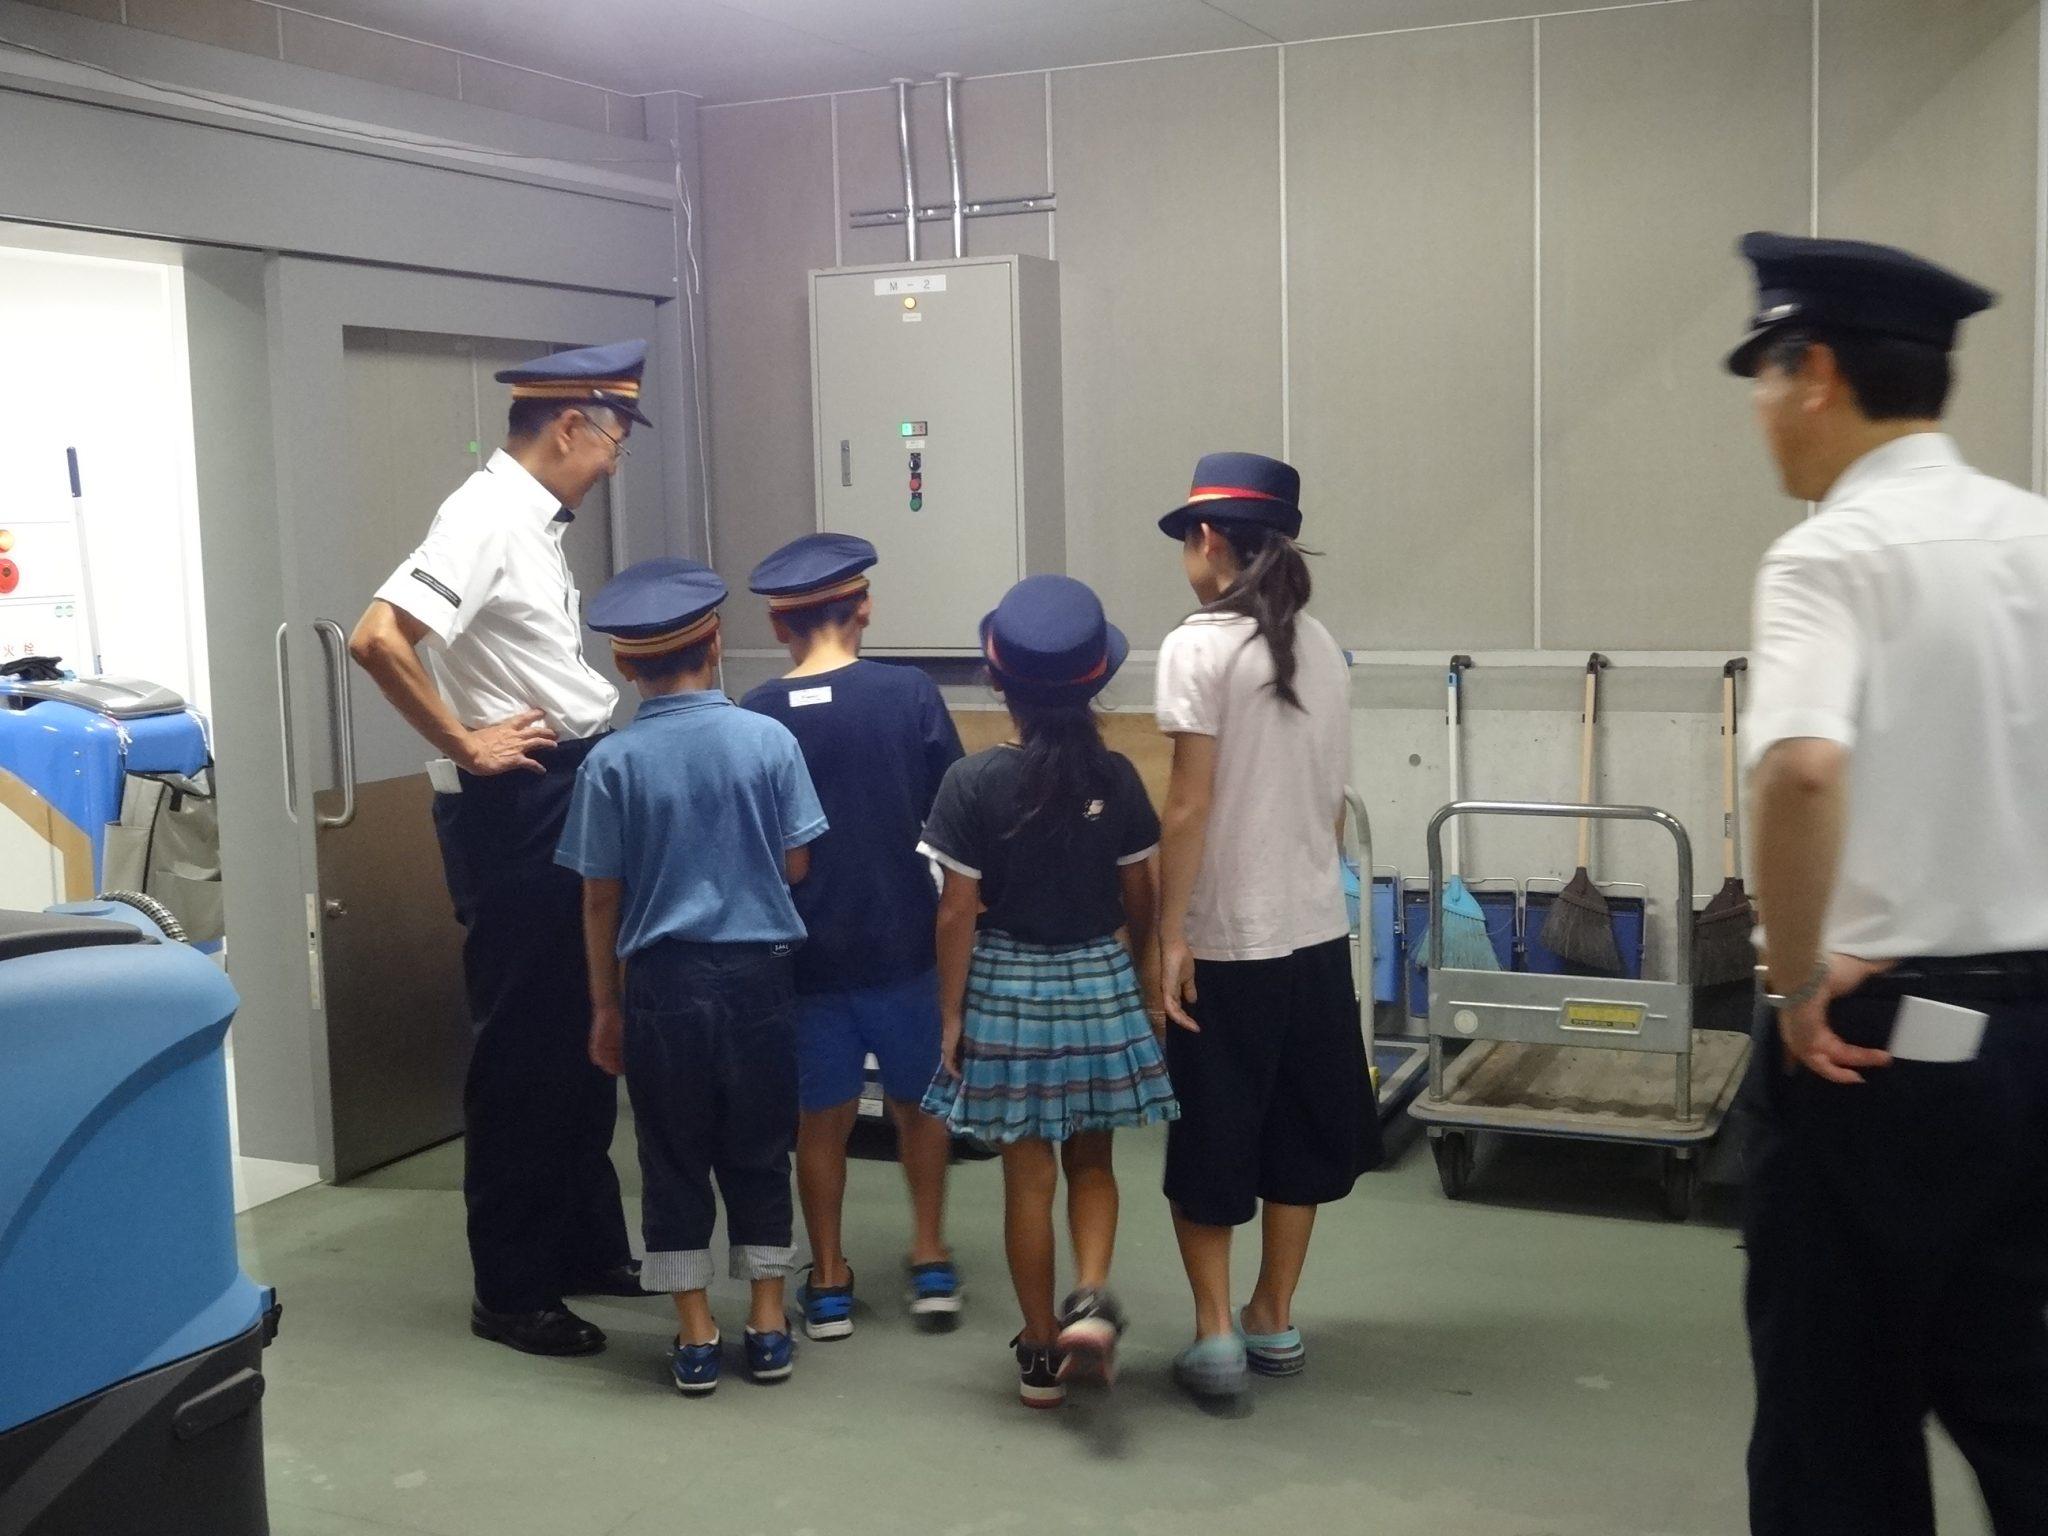 駅構内を巡回している写真 (富山駅)